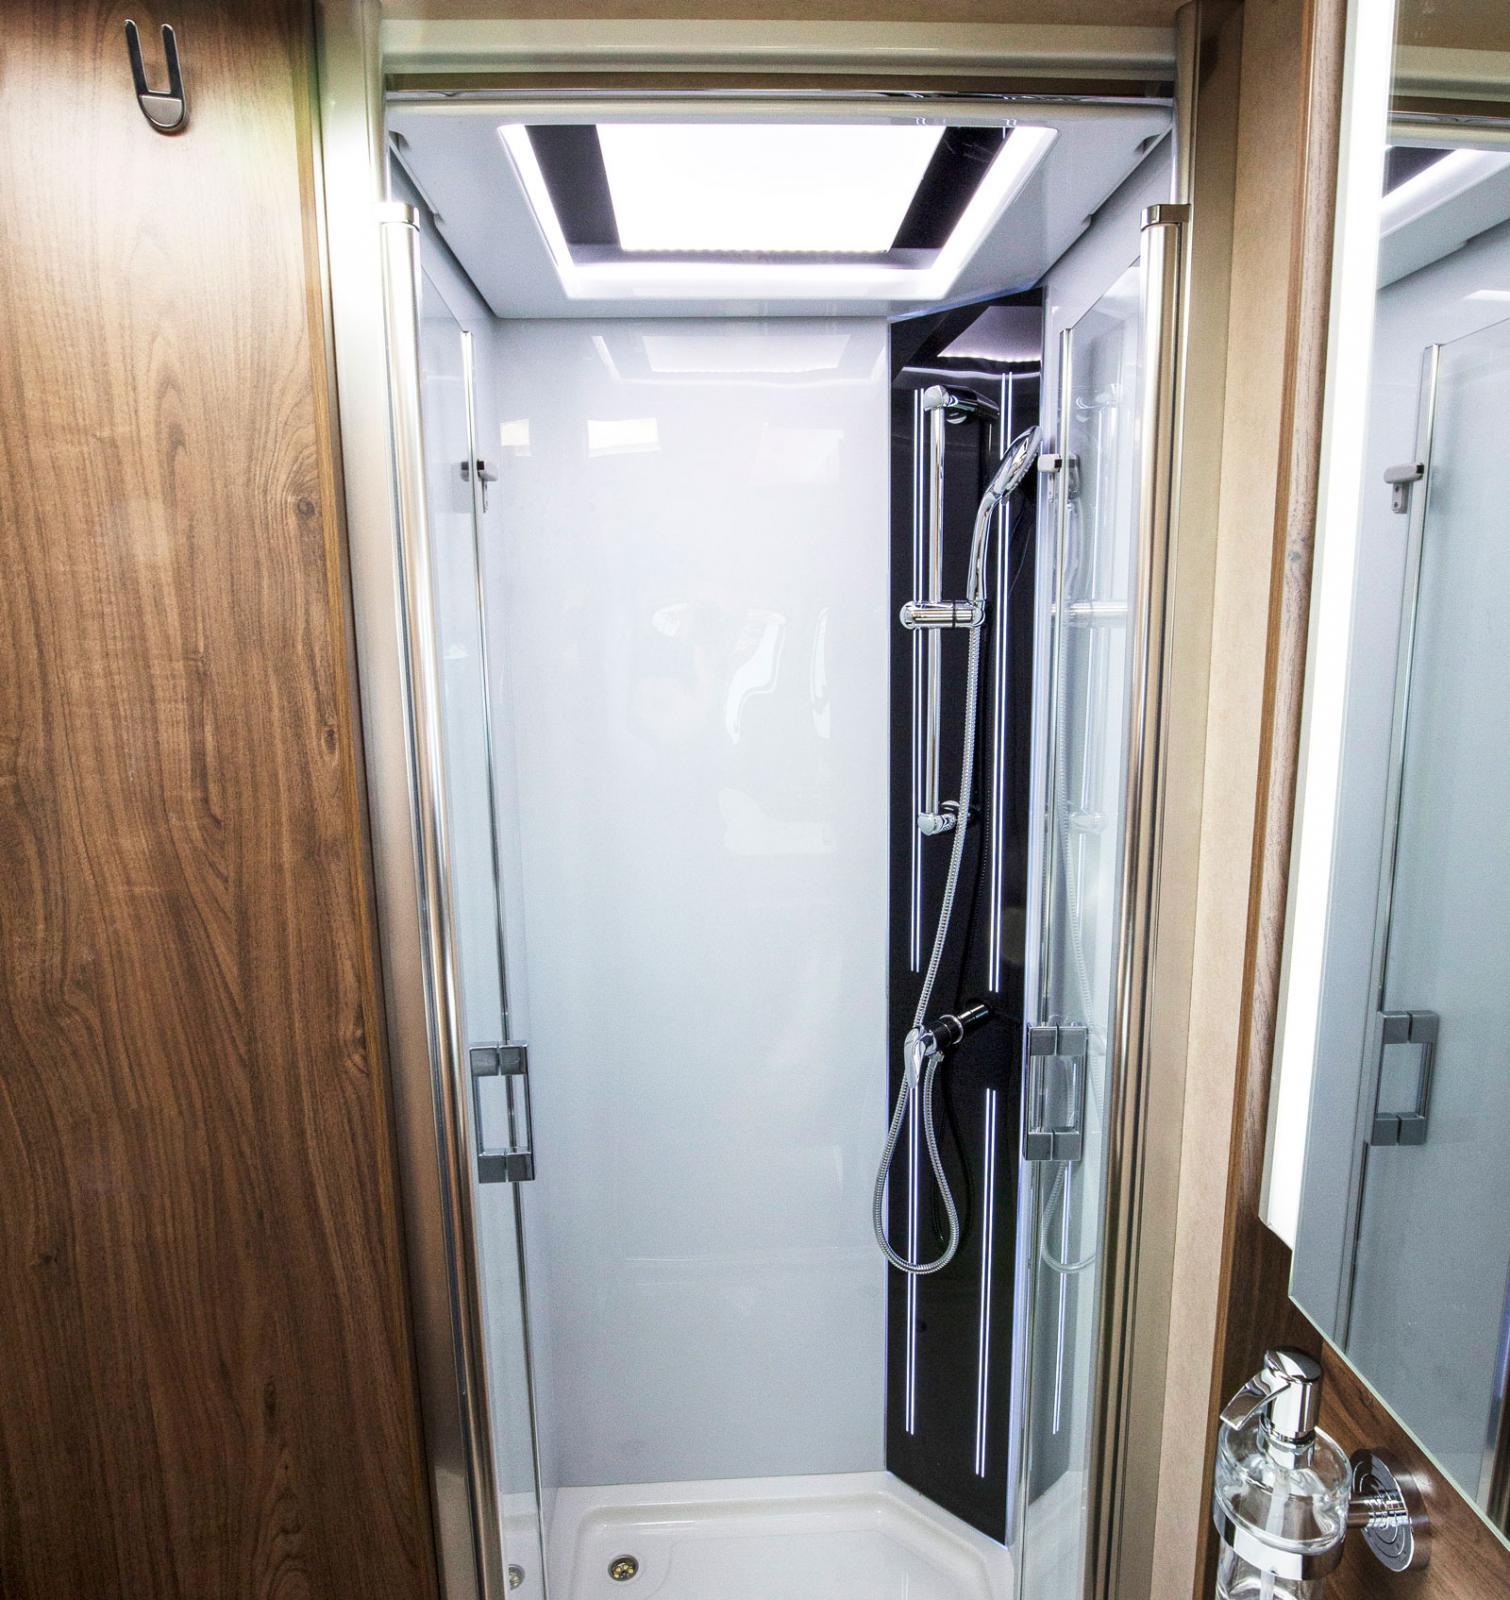 Rymlig dusch med dörrar av riktigt glas. Tungt men snyggt.